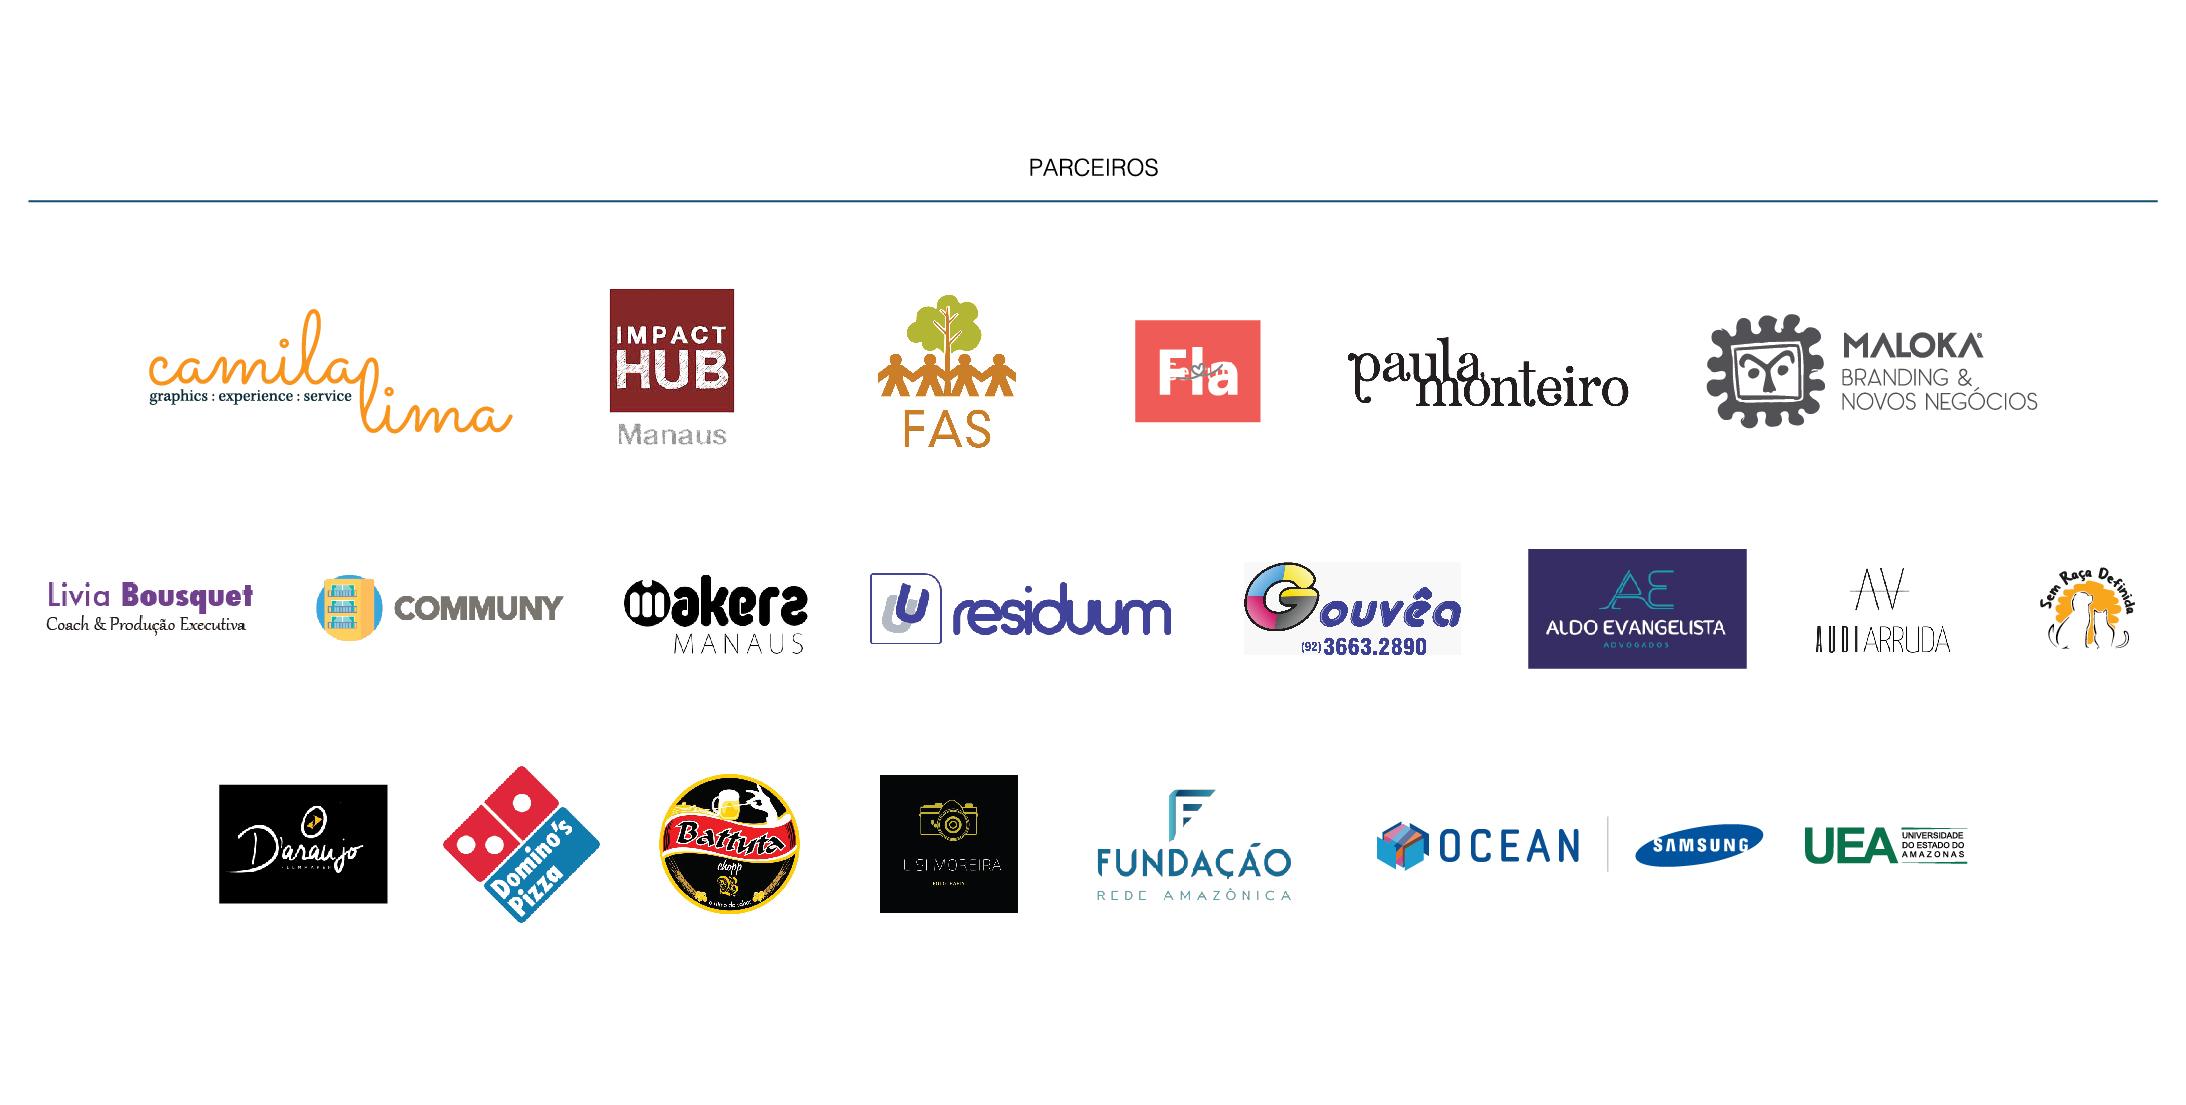 Reconhecimento das marcas dos parceiros do evento